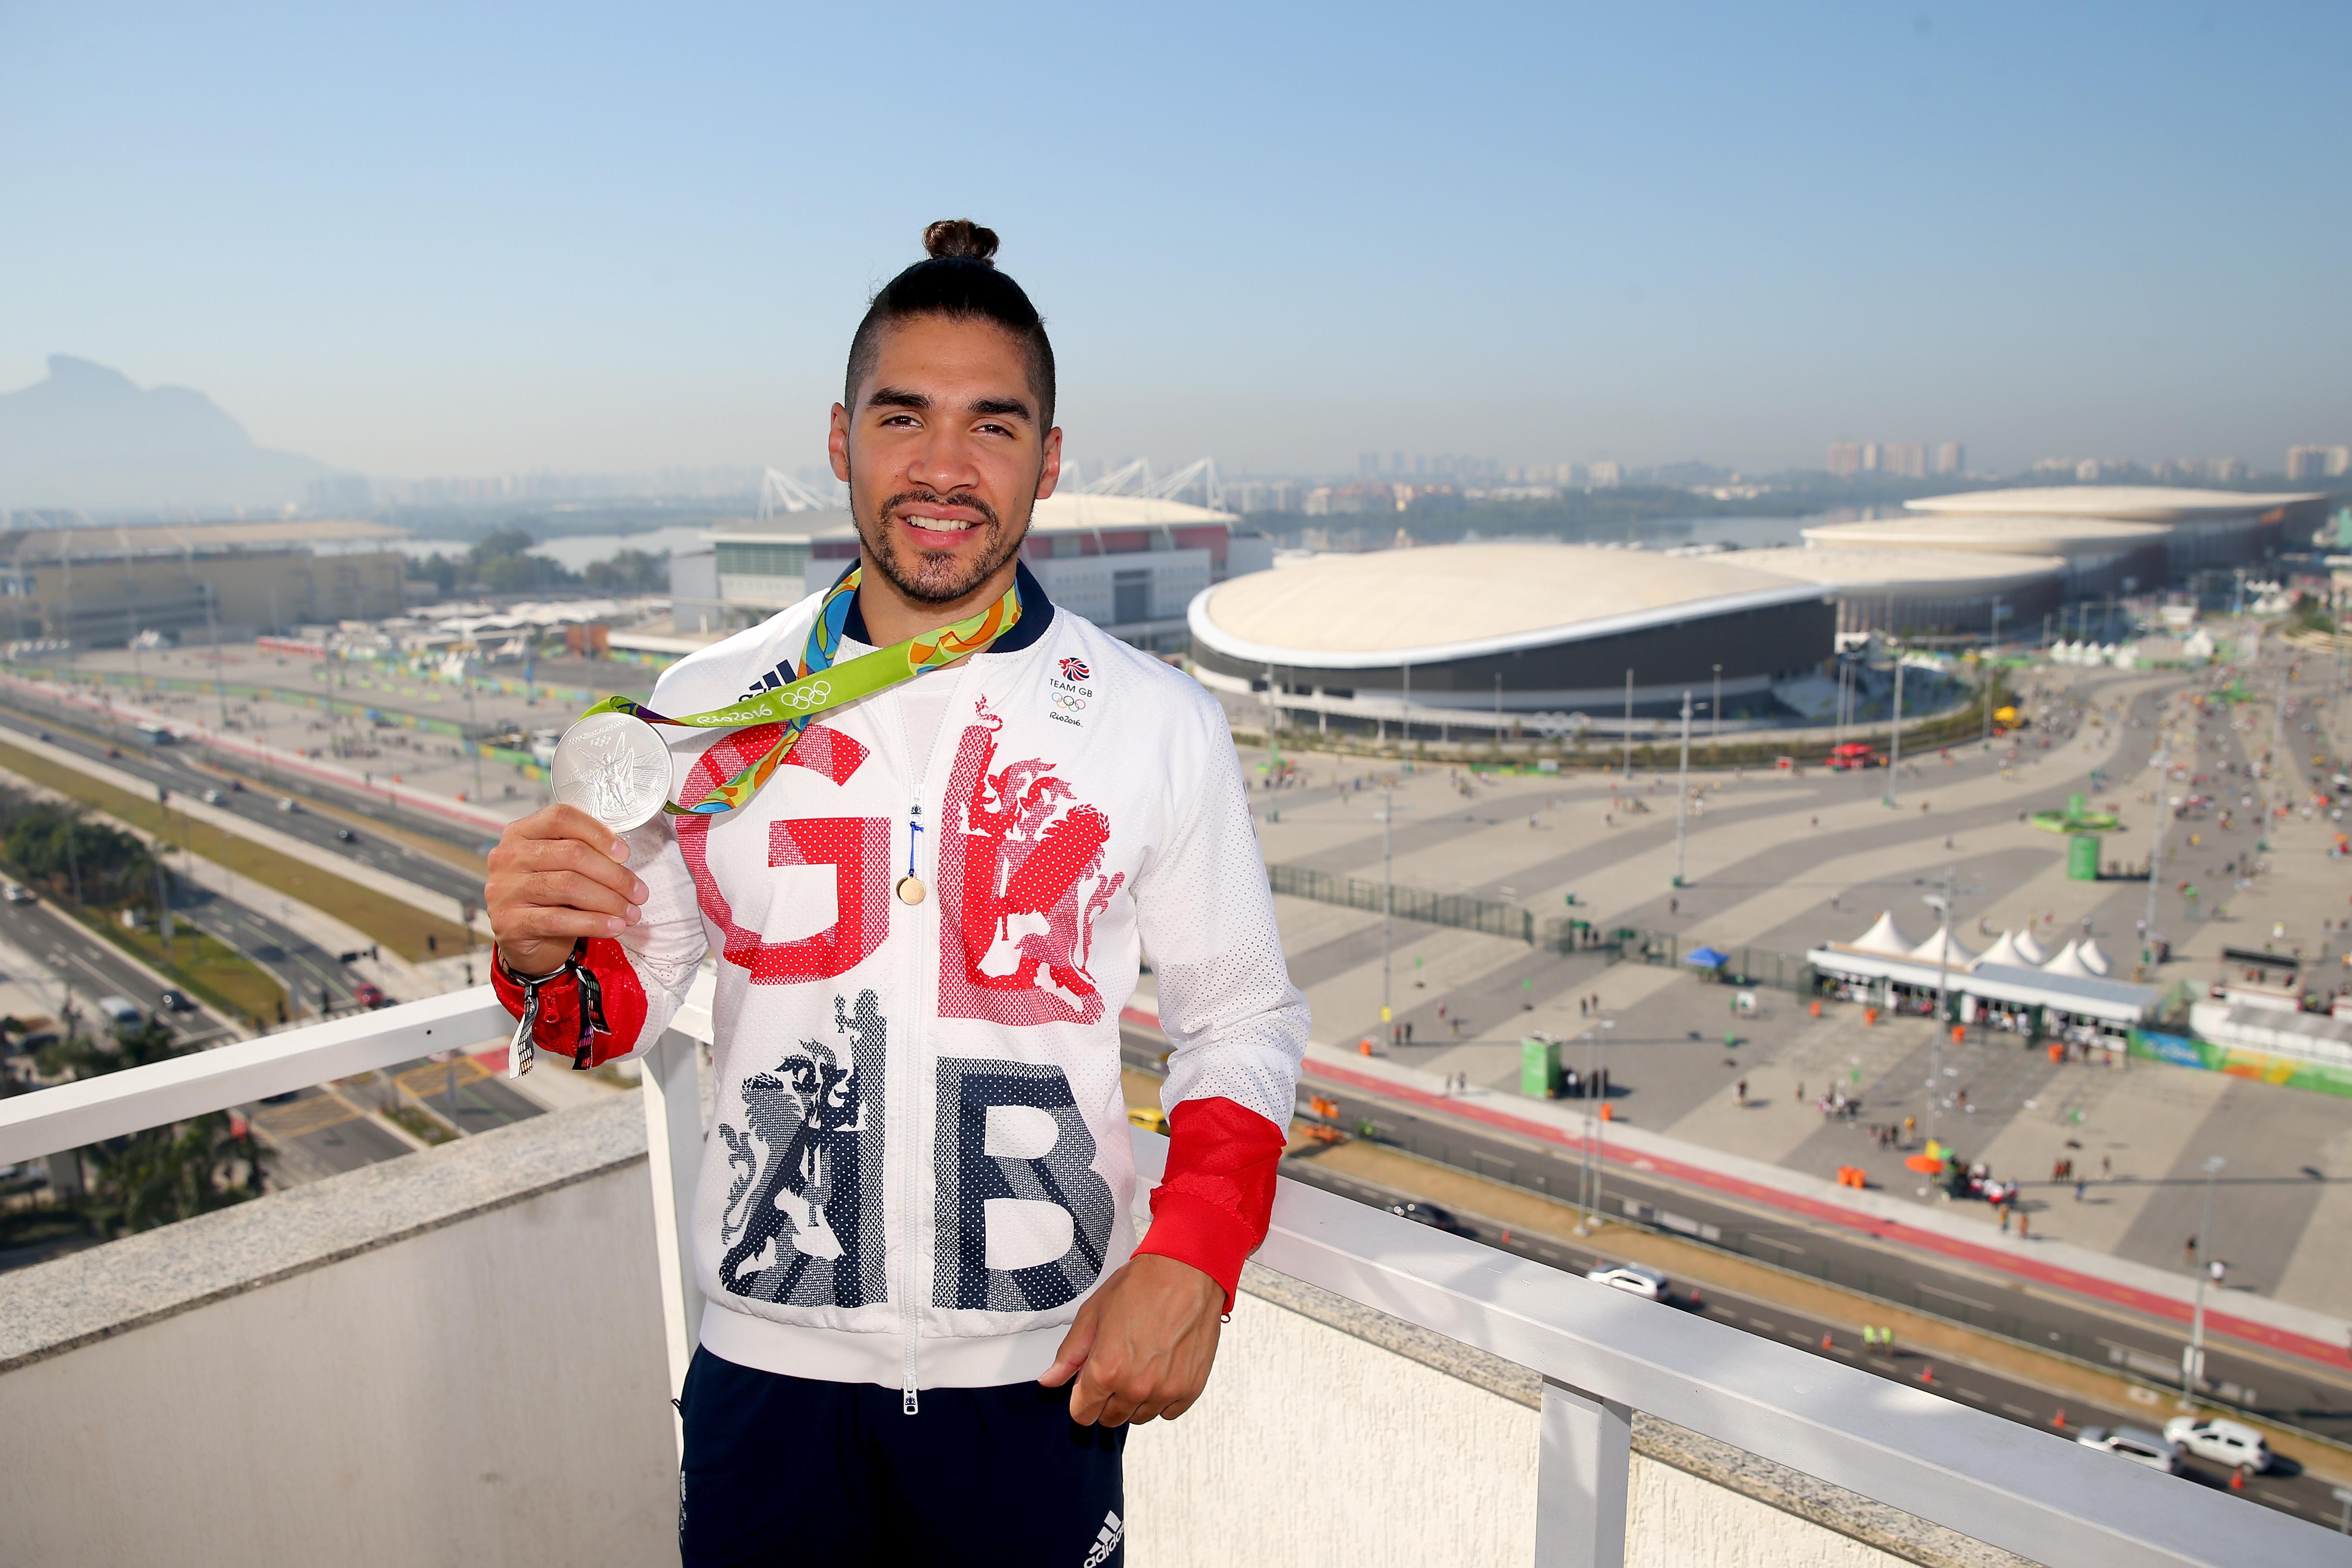 Louis Smith Rio 2016